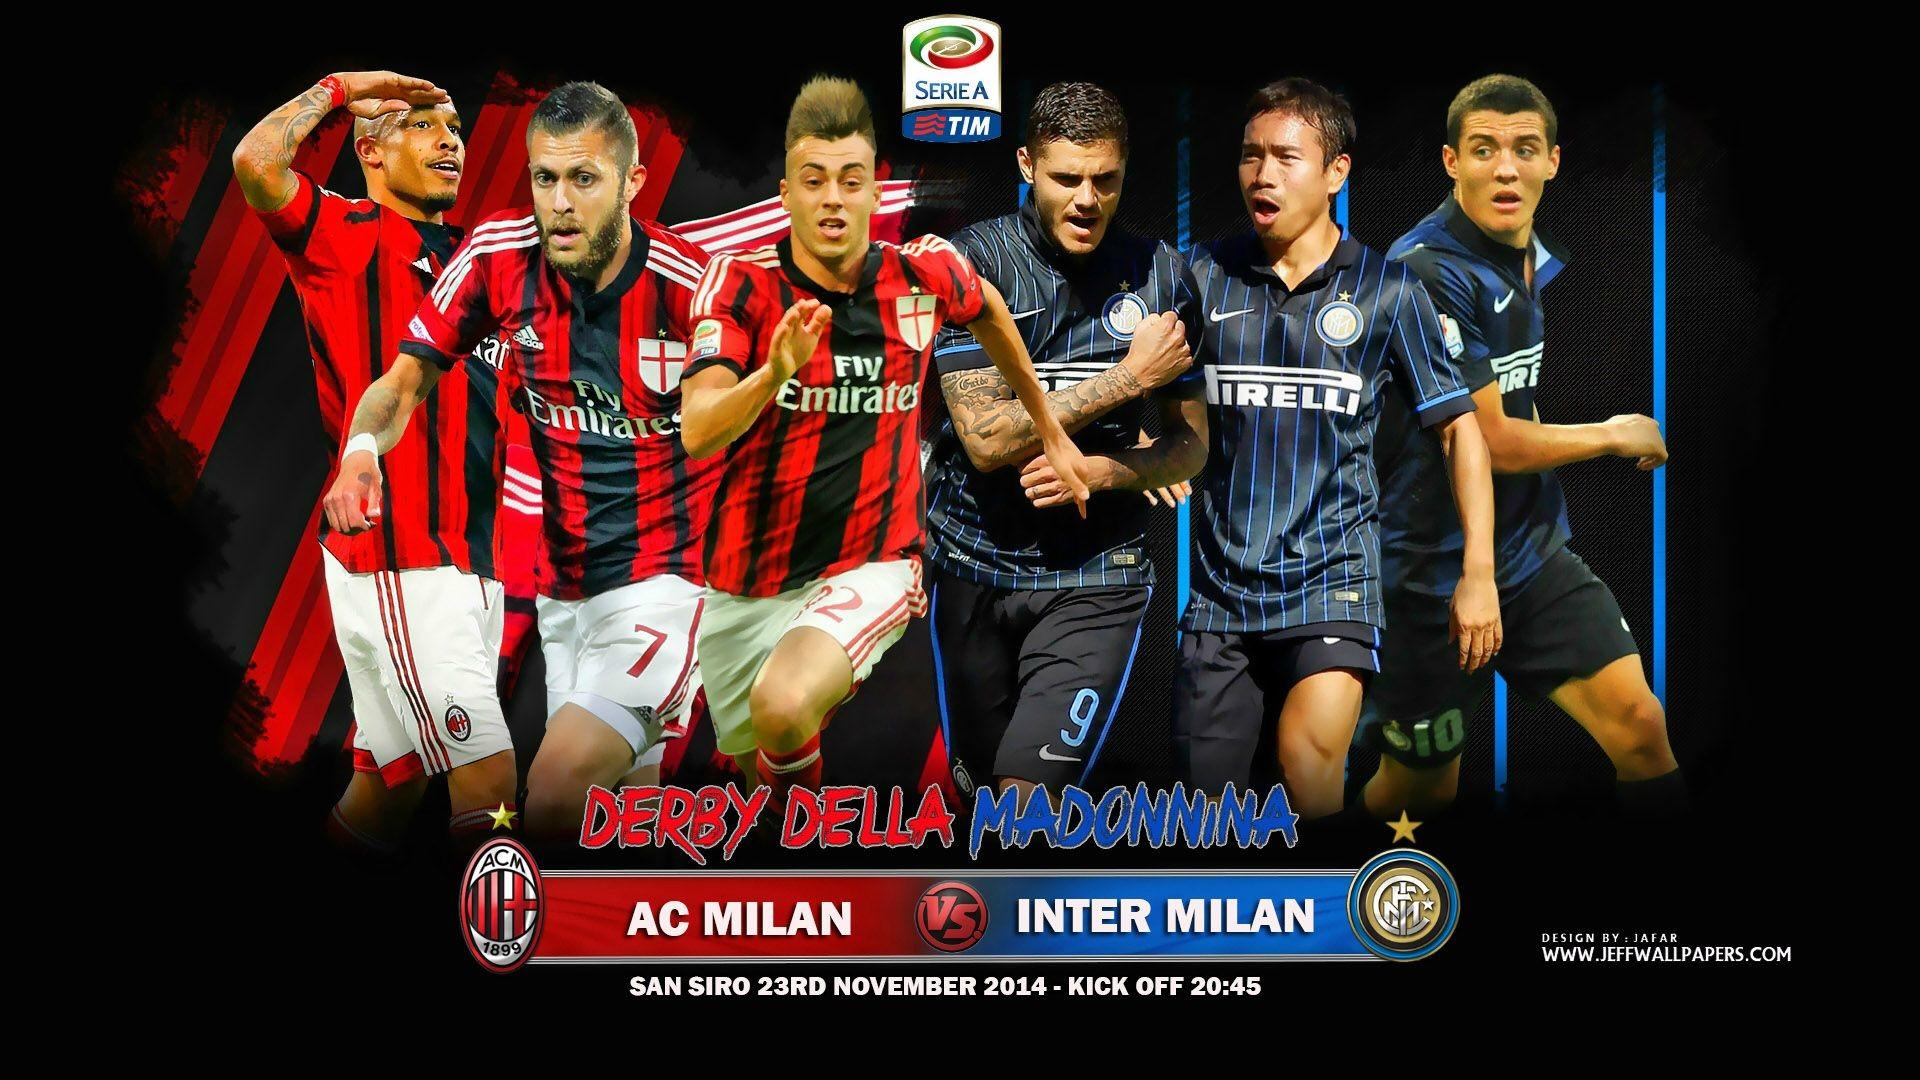 Download Wallpaper – AC Milan vs Inter Milan – Bola.net   Epic Car  Wallpapers   Pinterest   Ac milan and Wallpaper